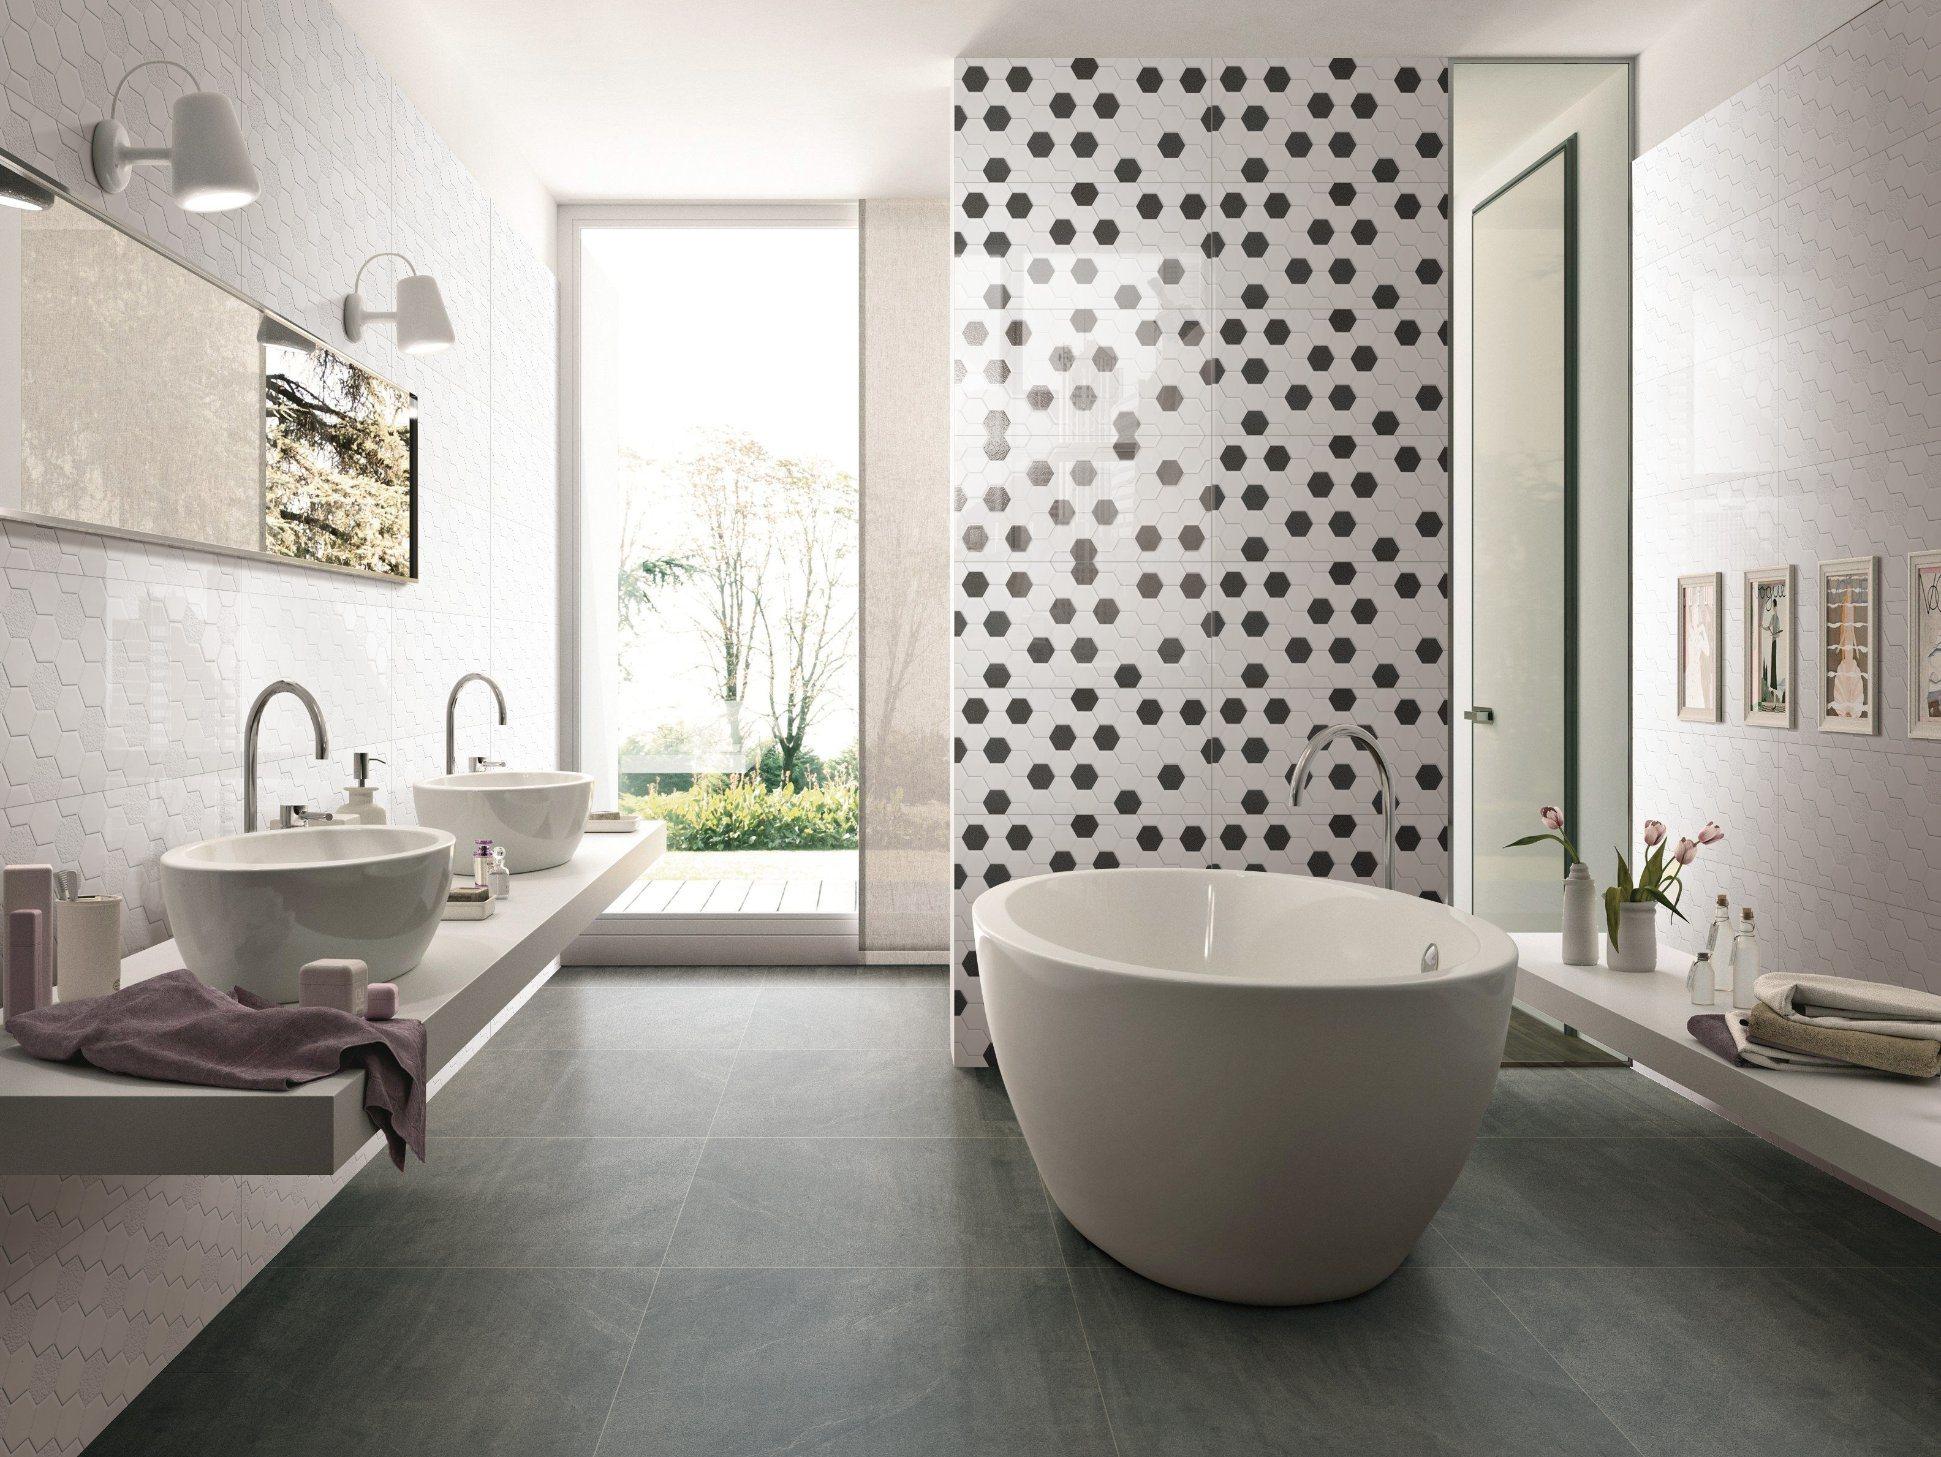 China Italian Flooring Marble Bathroom